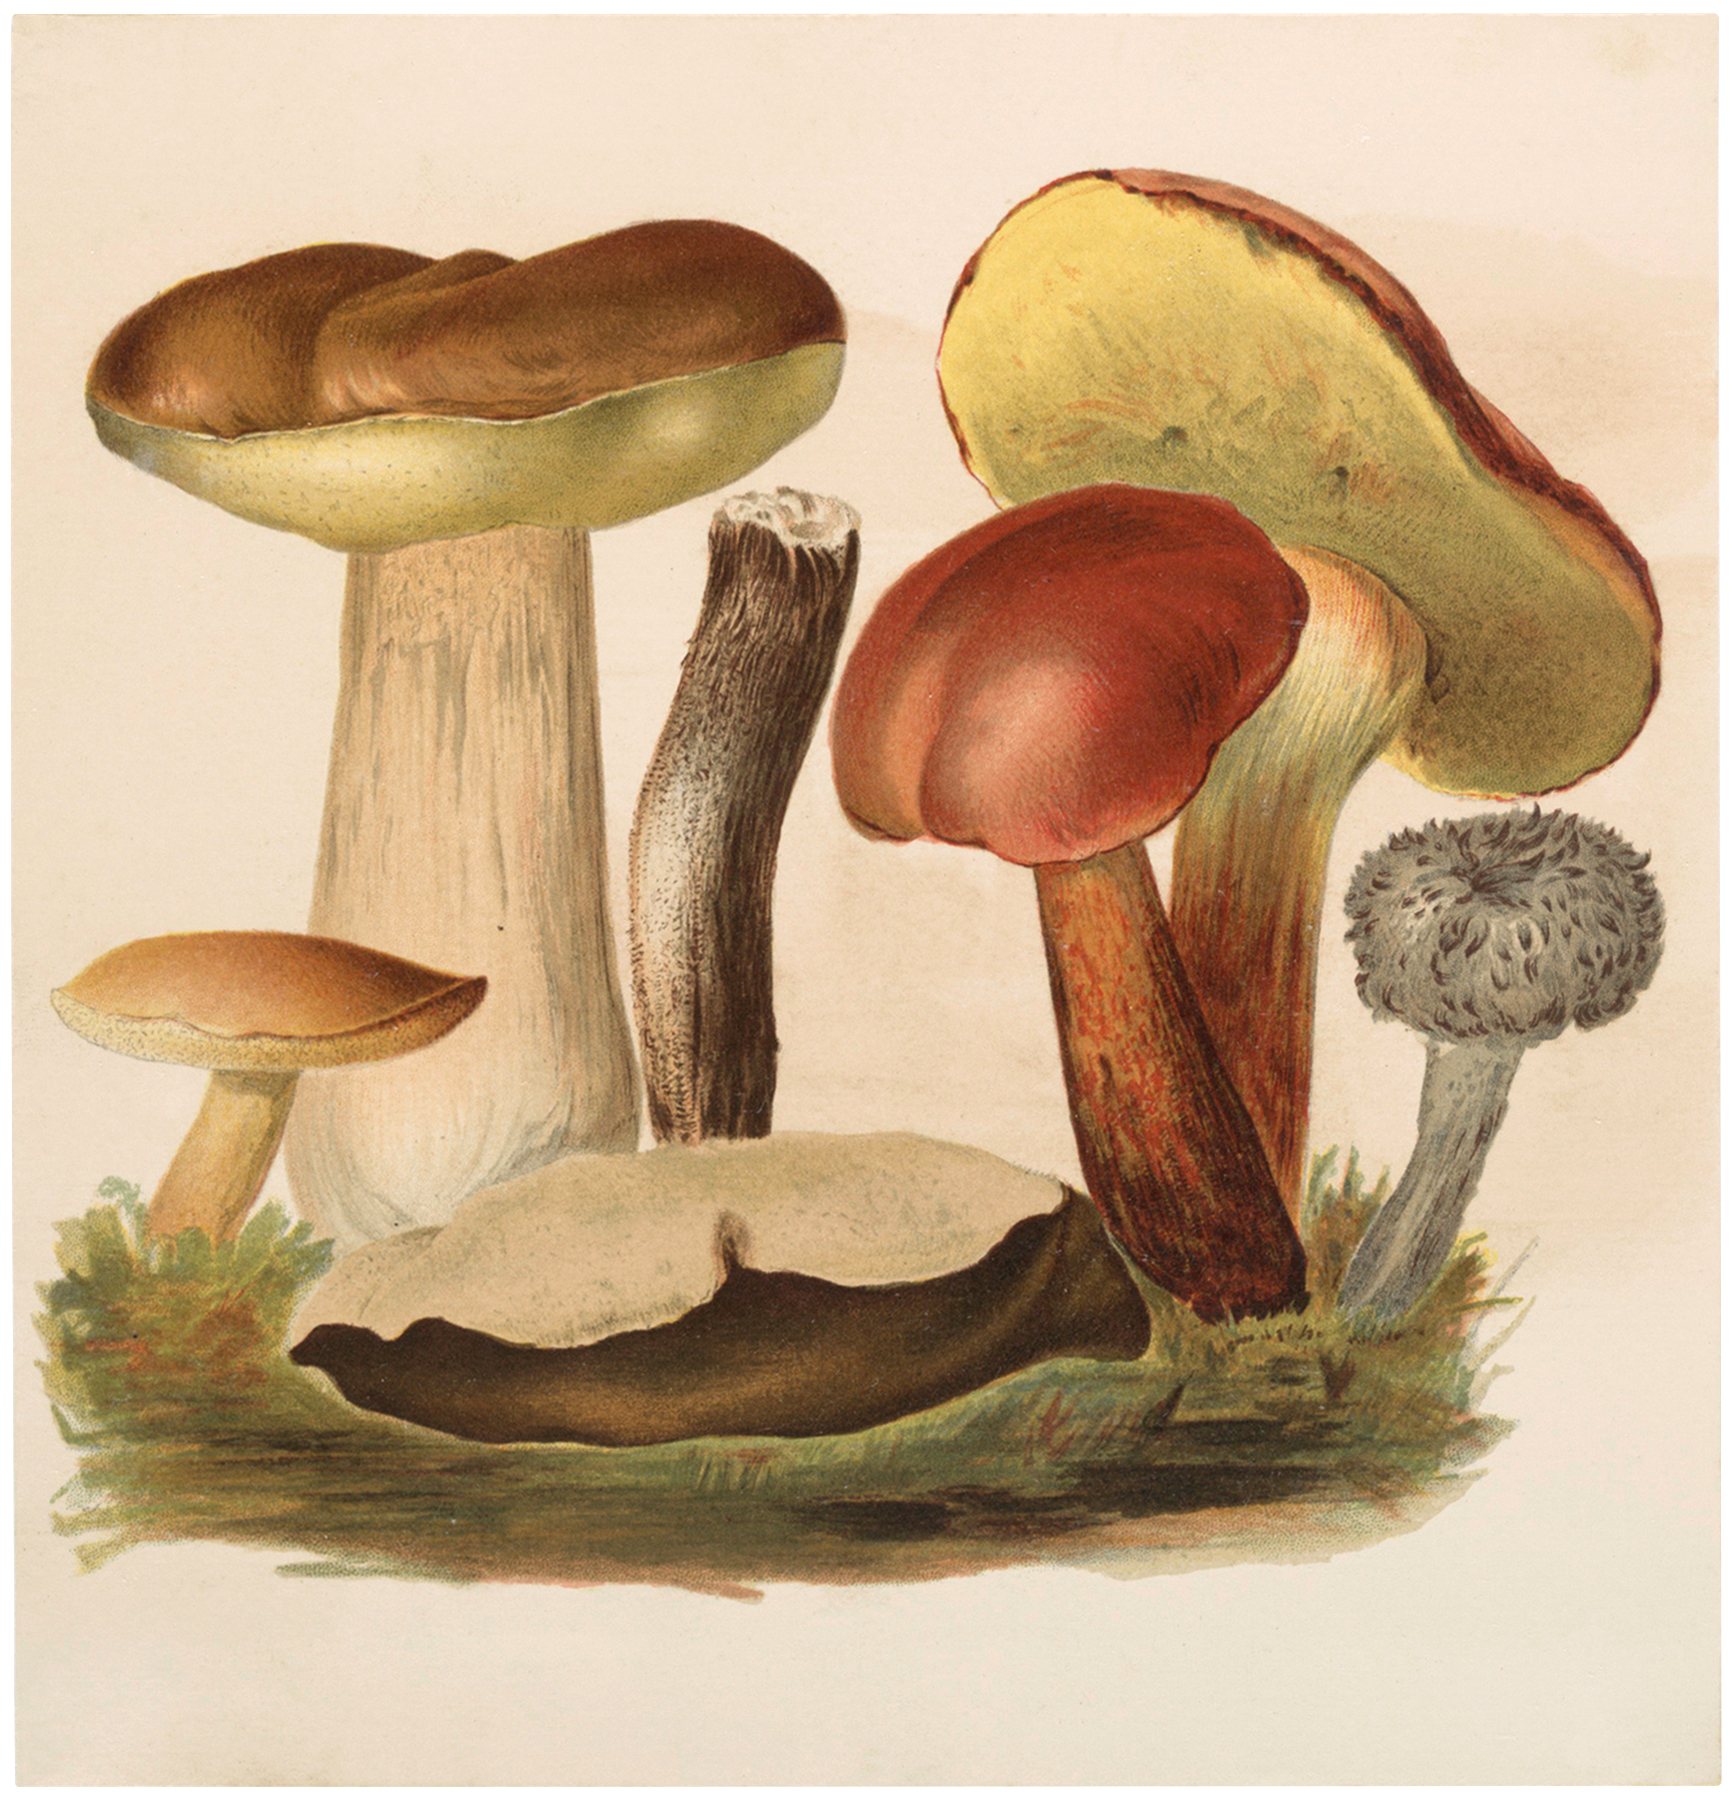 Vintage Wild Mushrooms Image